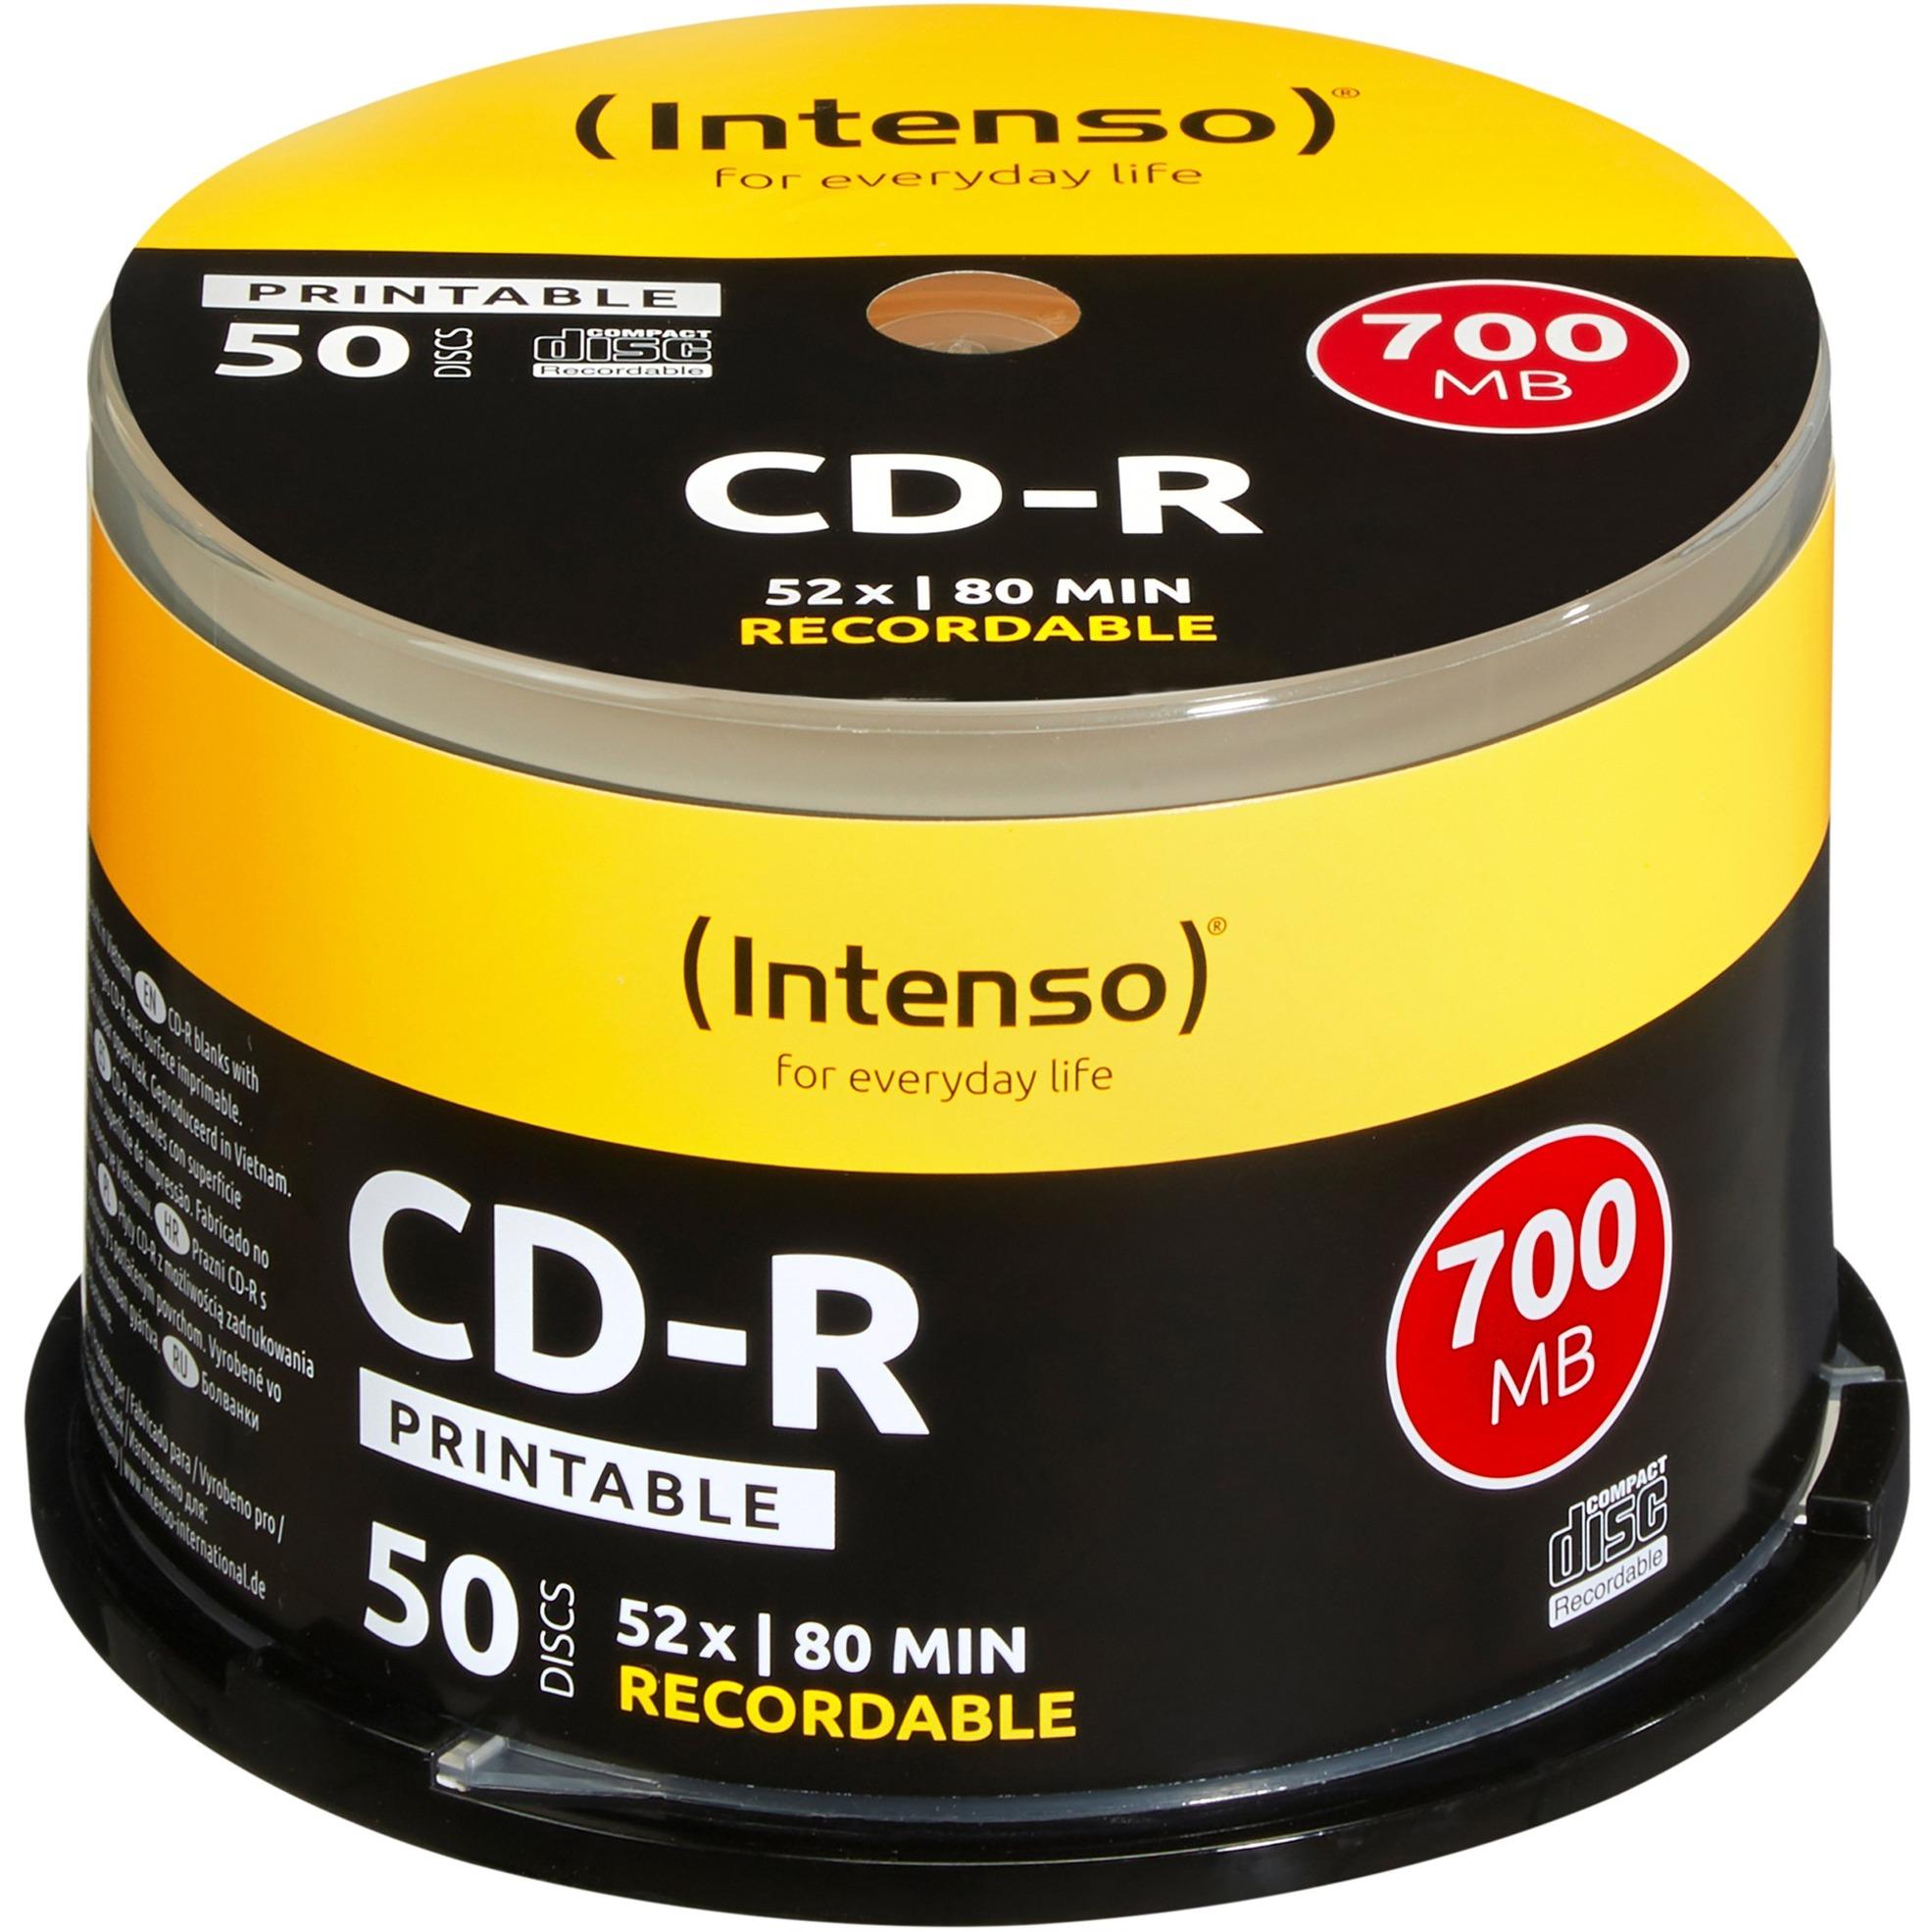 cd-r-700mb-80min-printable-cd-r-700mb-50pcs-cder